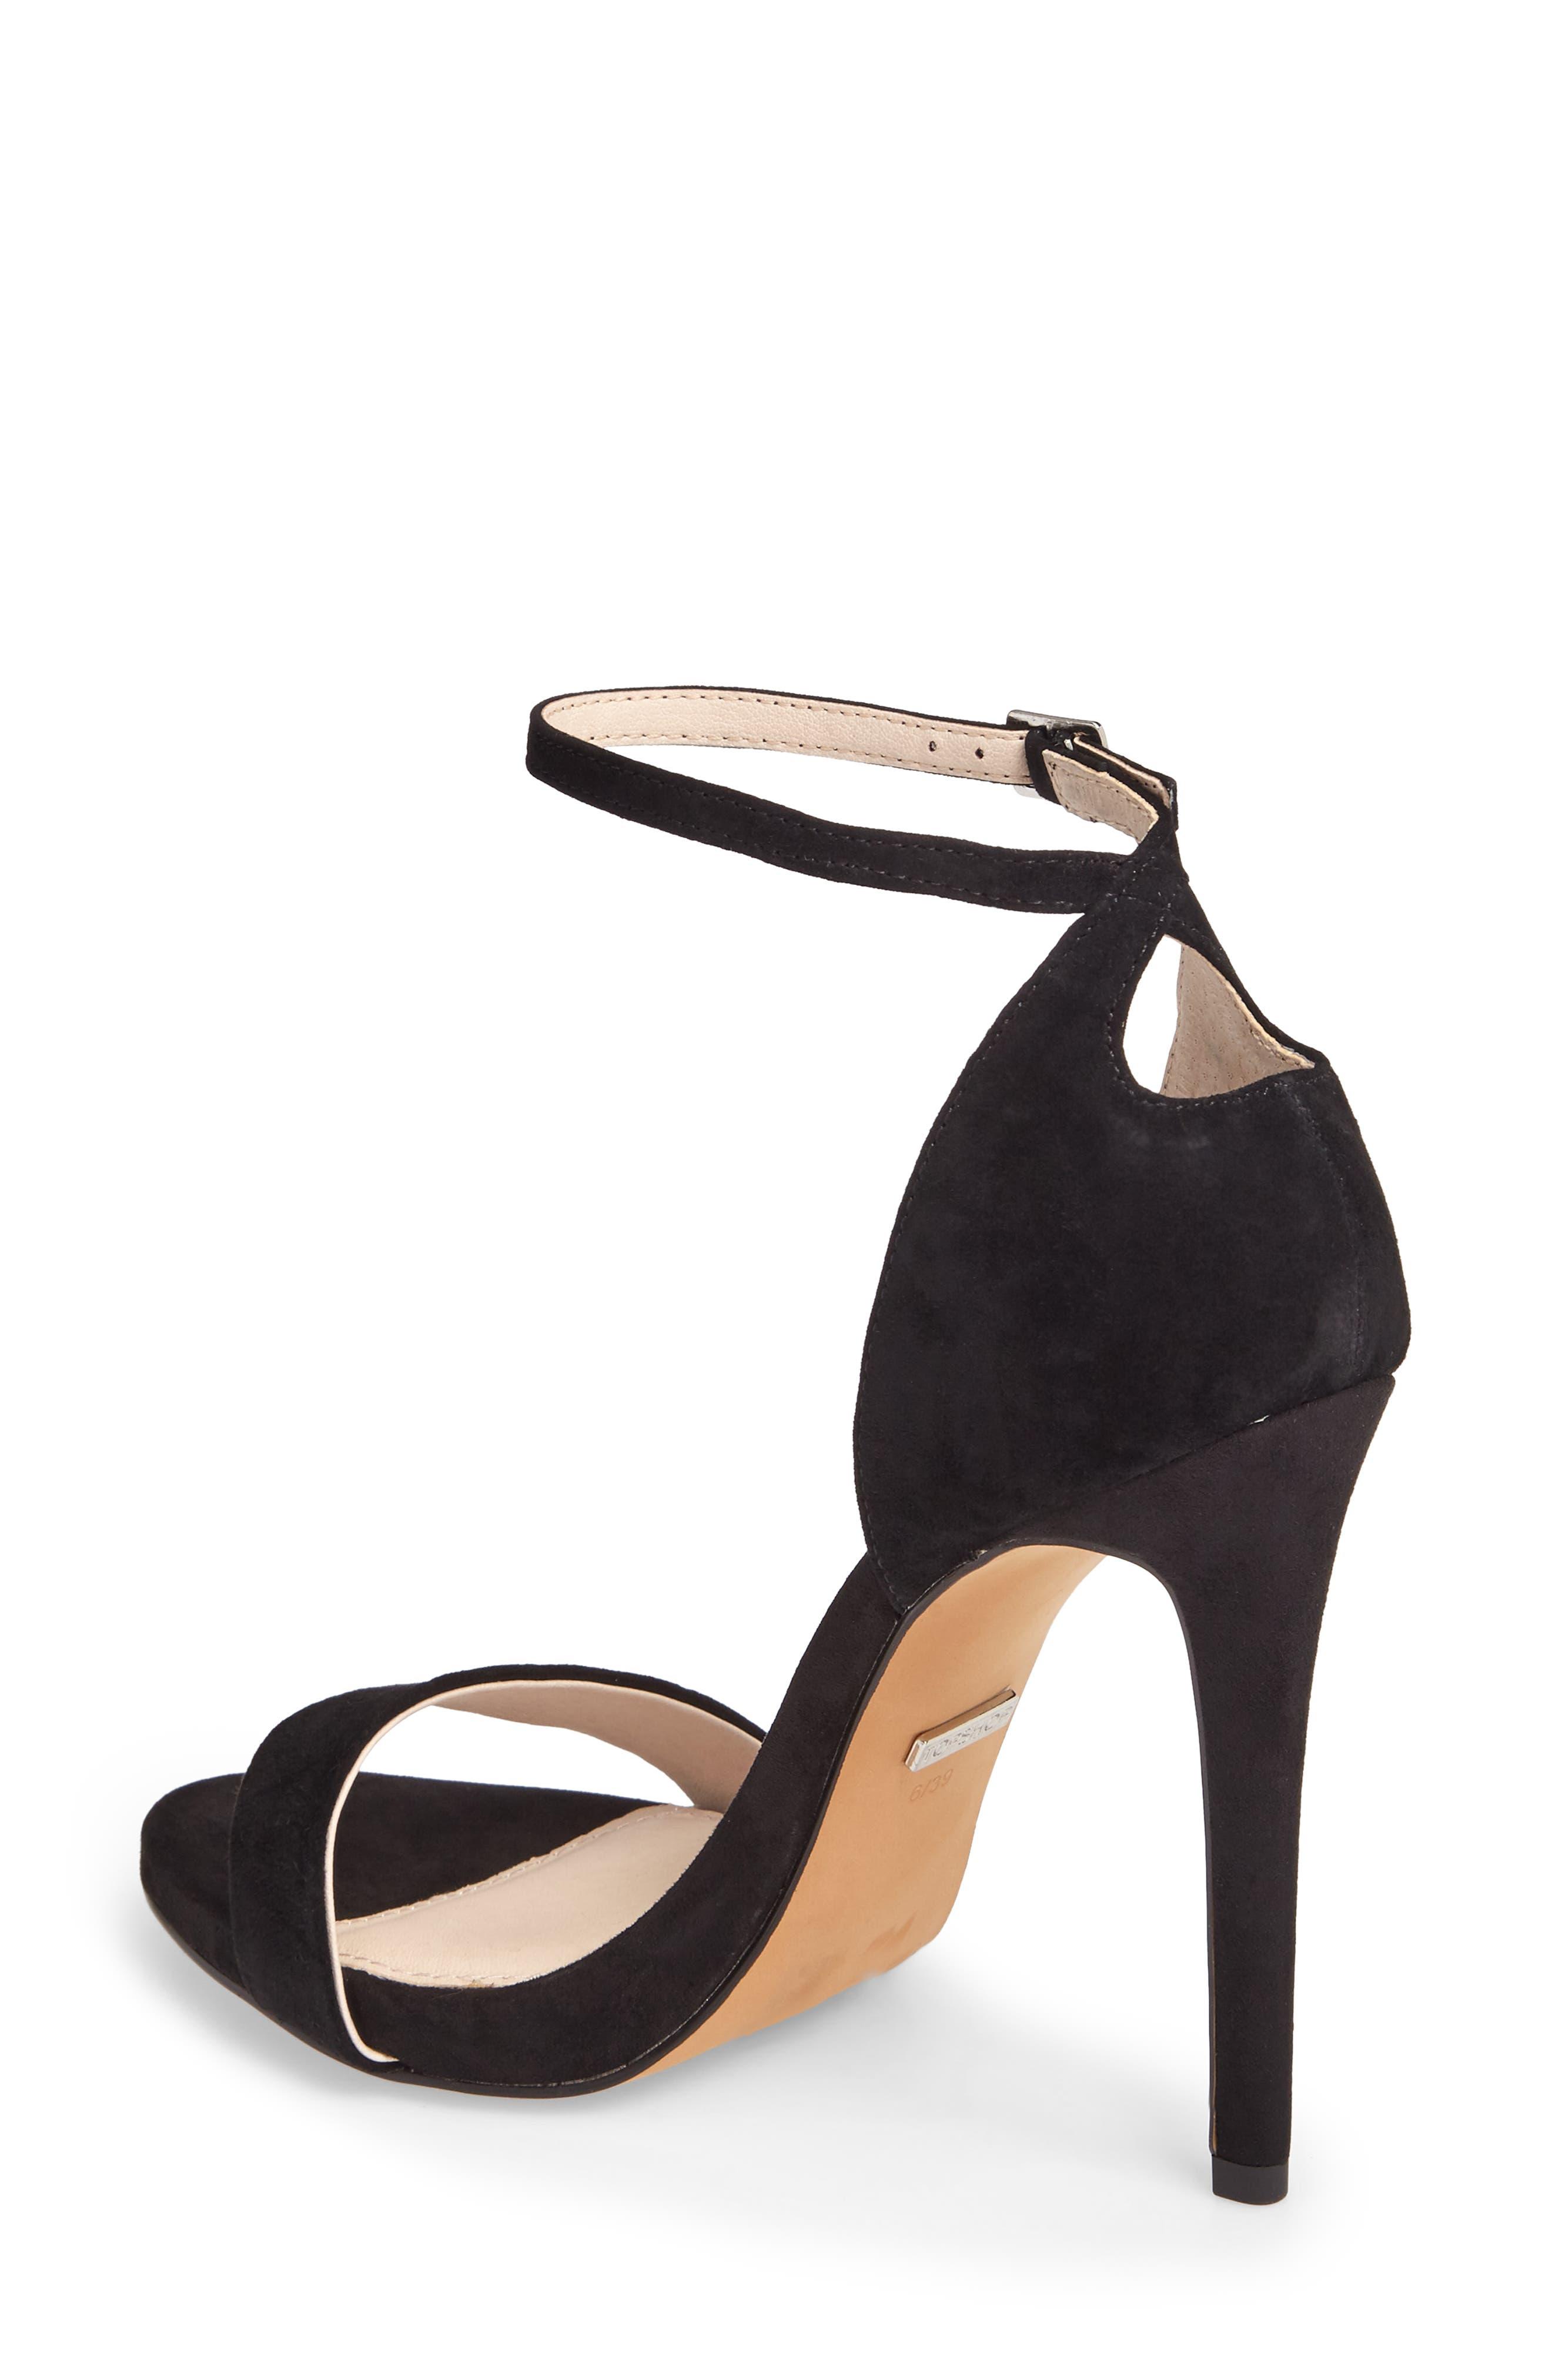 Raphie Ankle Strap Sandal,                             Alternate thumbnail 2, color,                             001